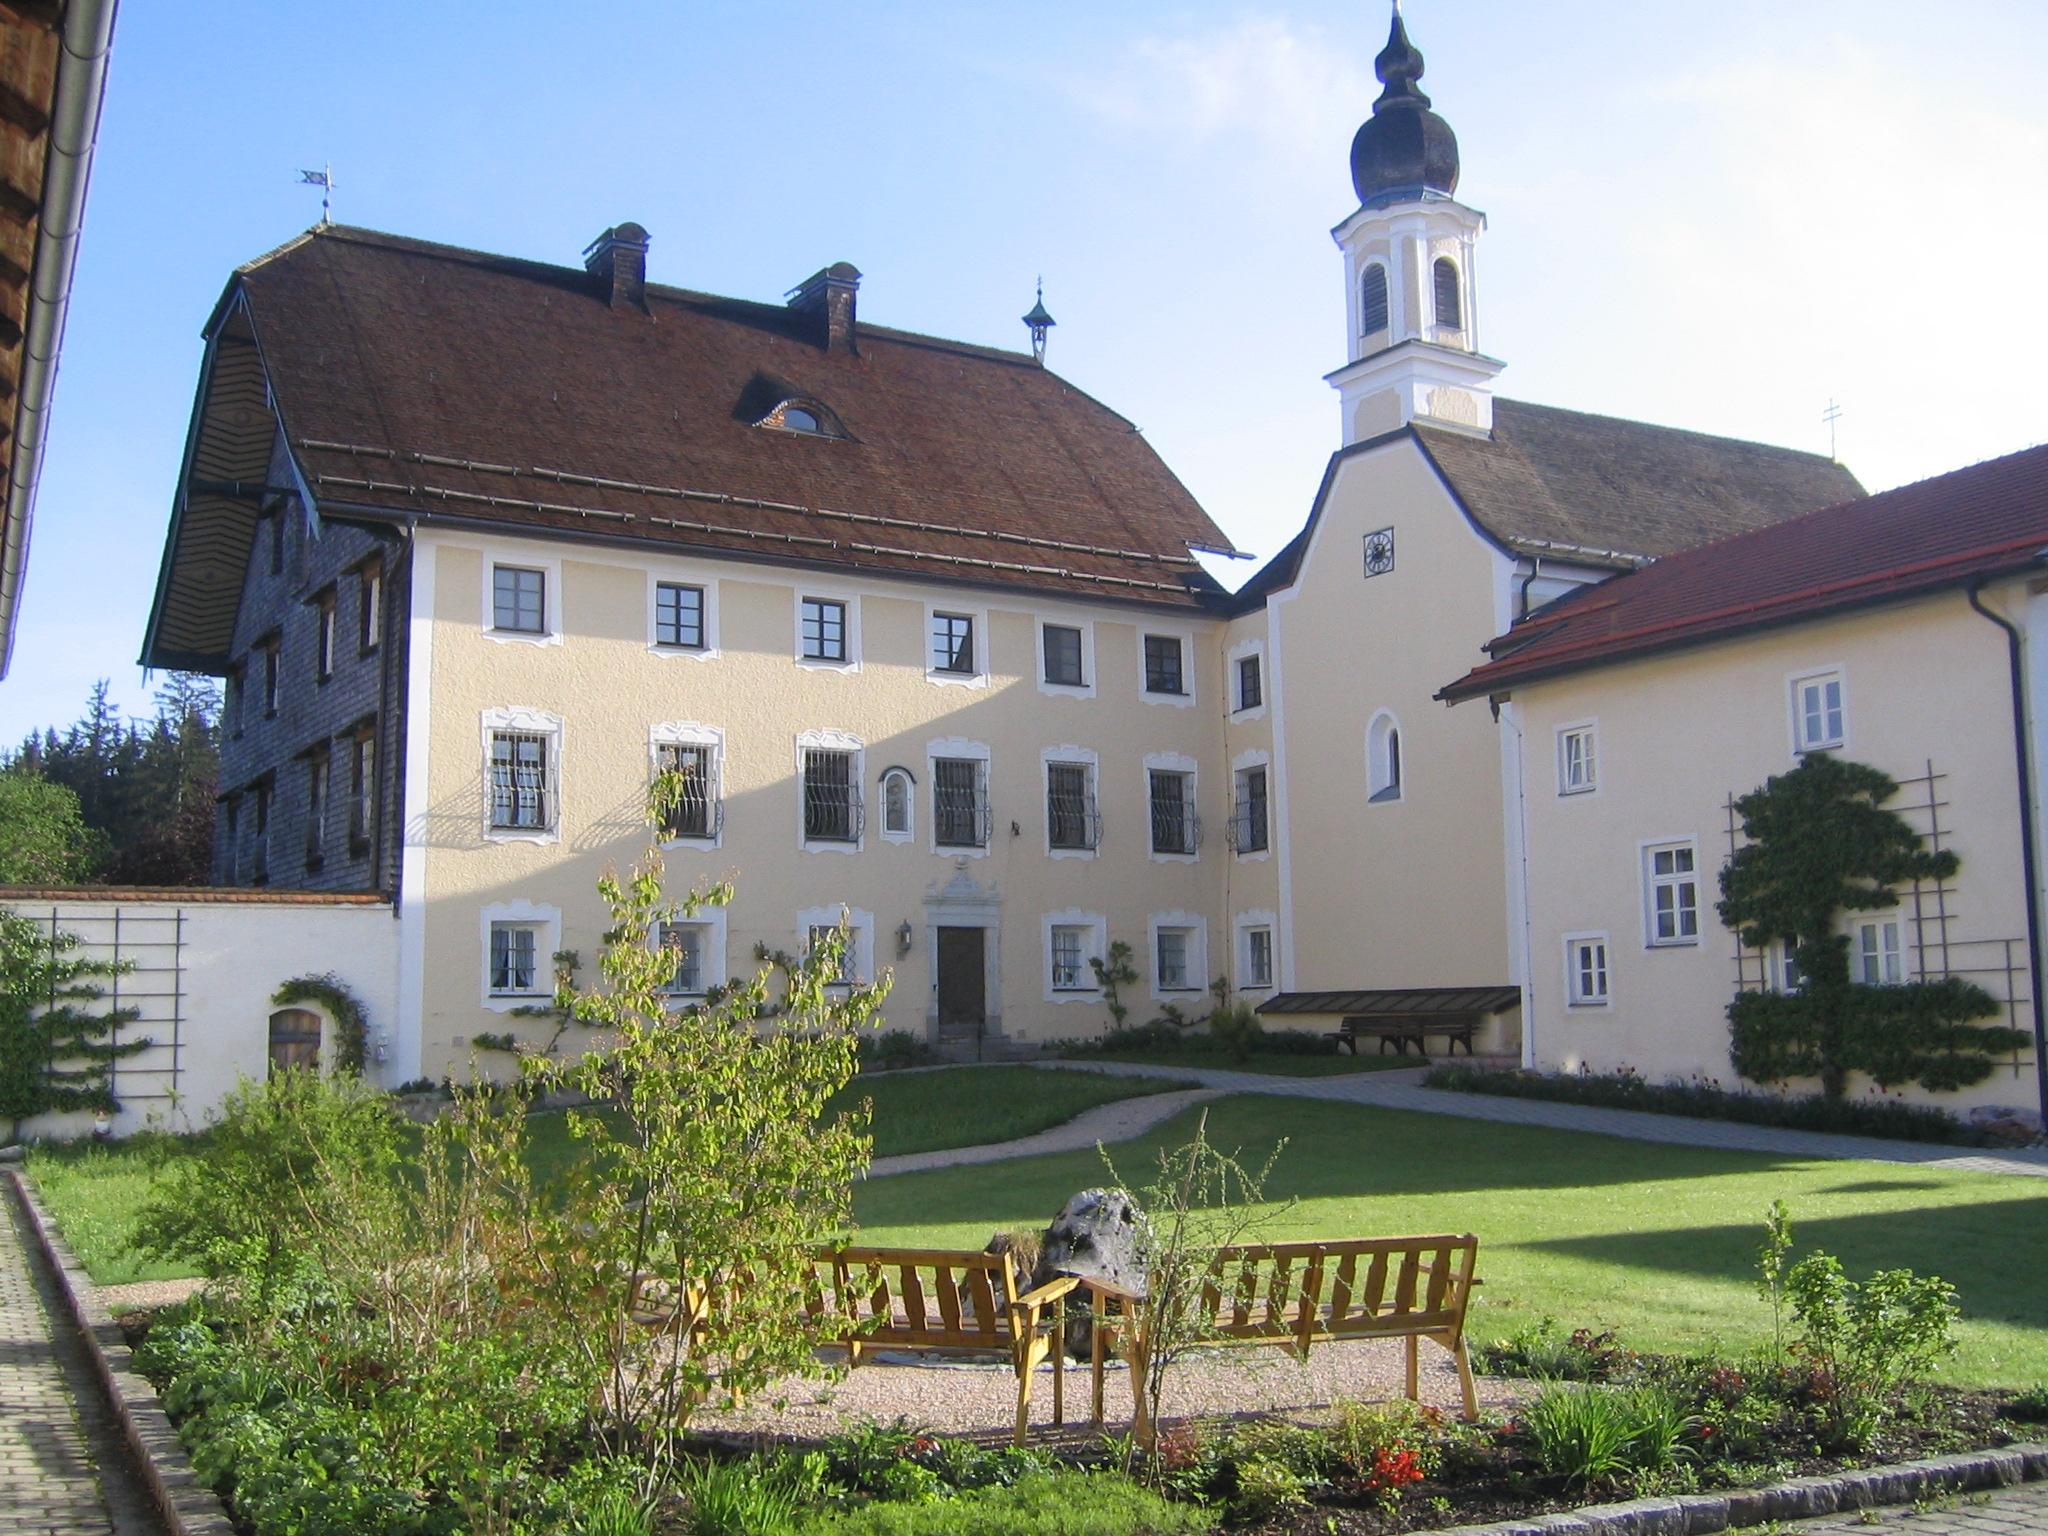 Klostergut Harpfetsham